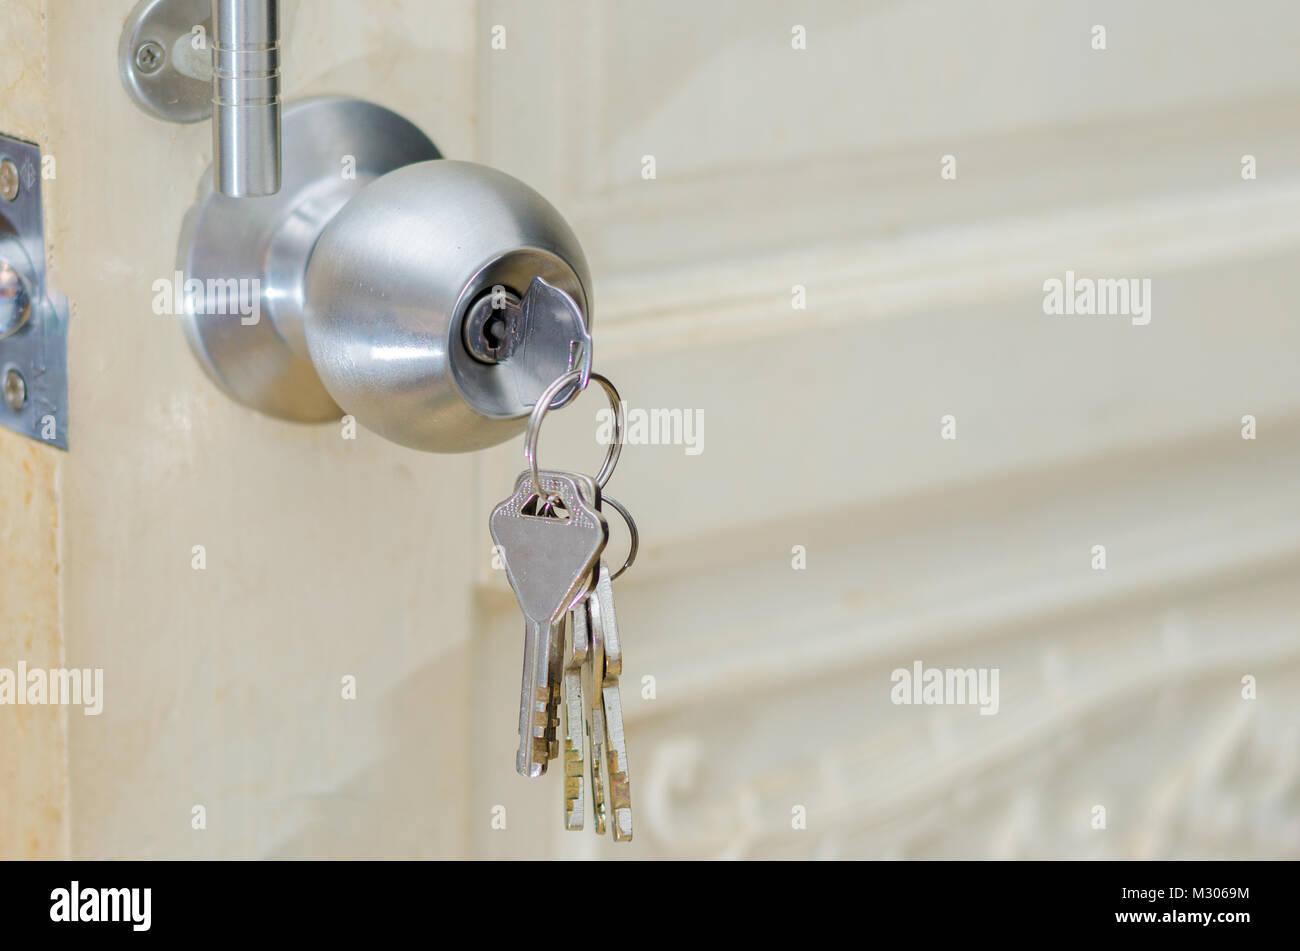 Unlocked knob Hand use the key for unlocking door Knob door wooden door White stainless door knob or handle hand knob door hand press door lock knob & Unlocked knob Hand use the key for unlocking door Knob door wooden ...